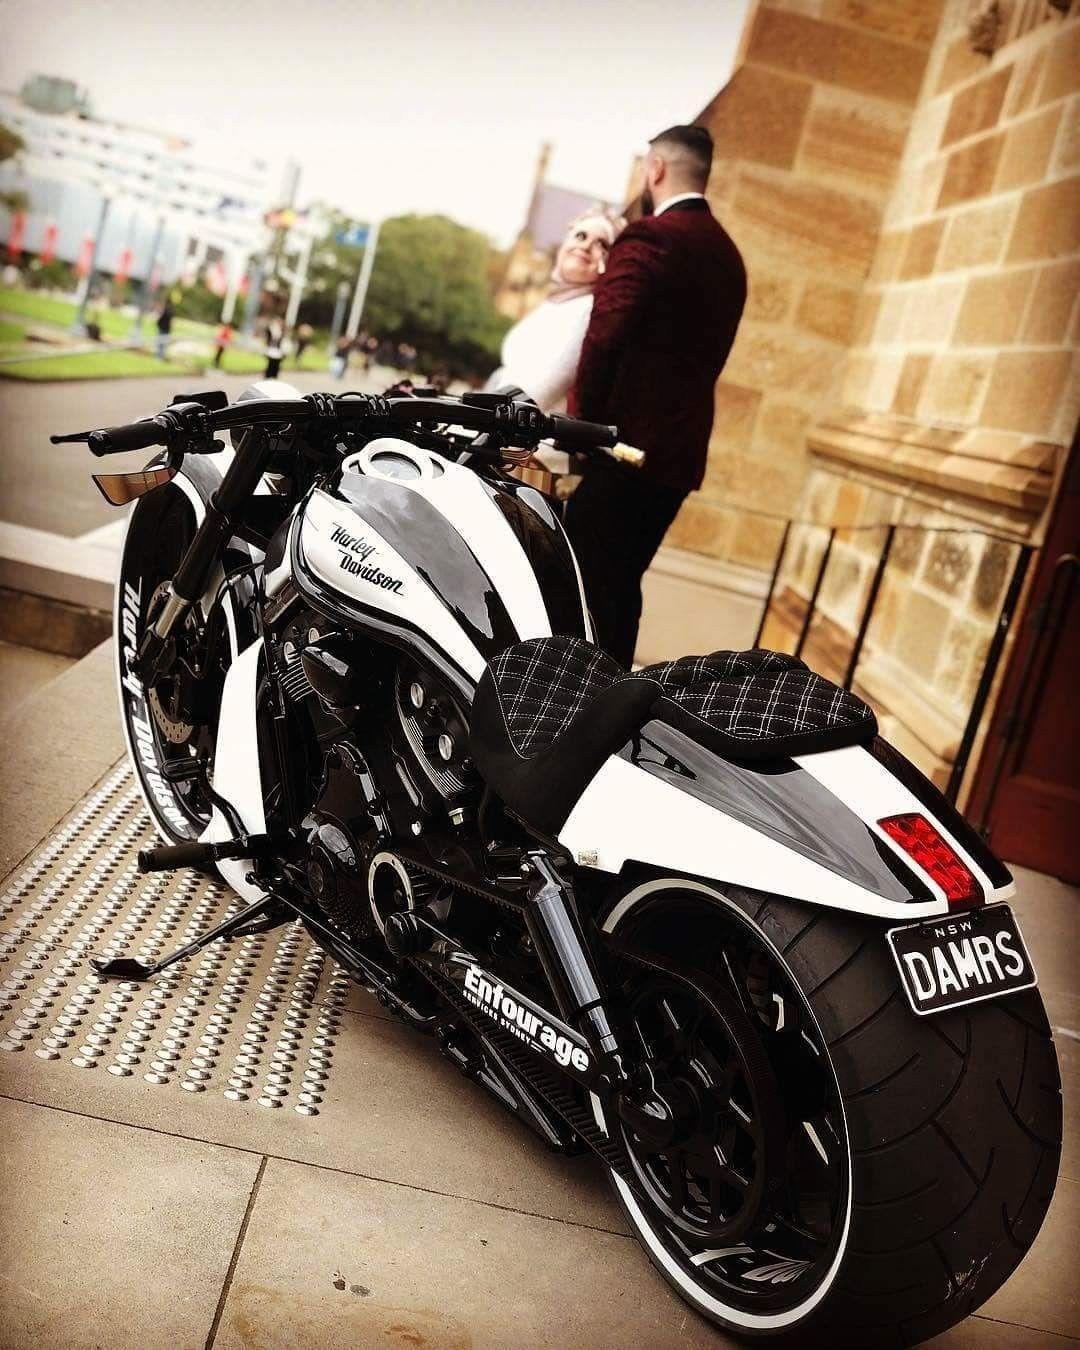 Harley Davidson Entourage Motocicletas Super Motos Choper Motos